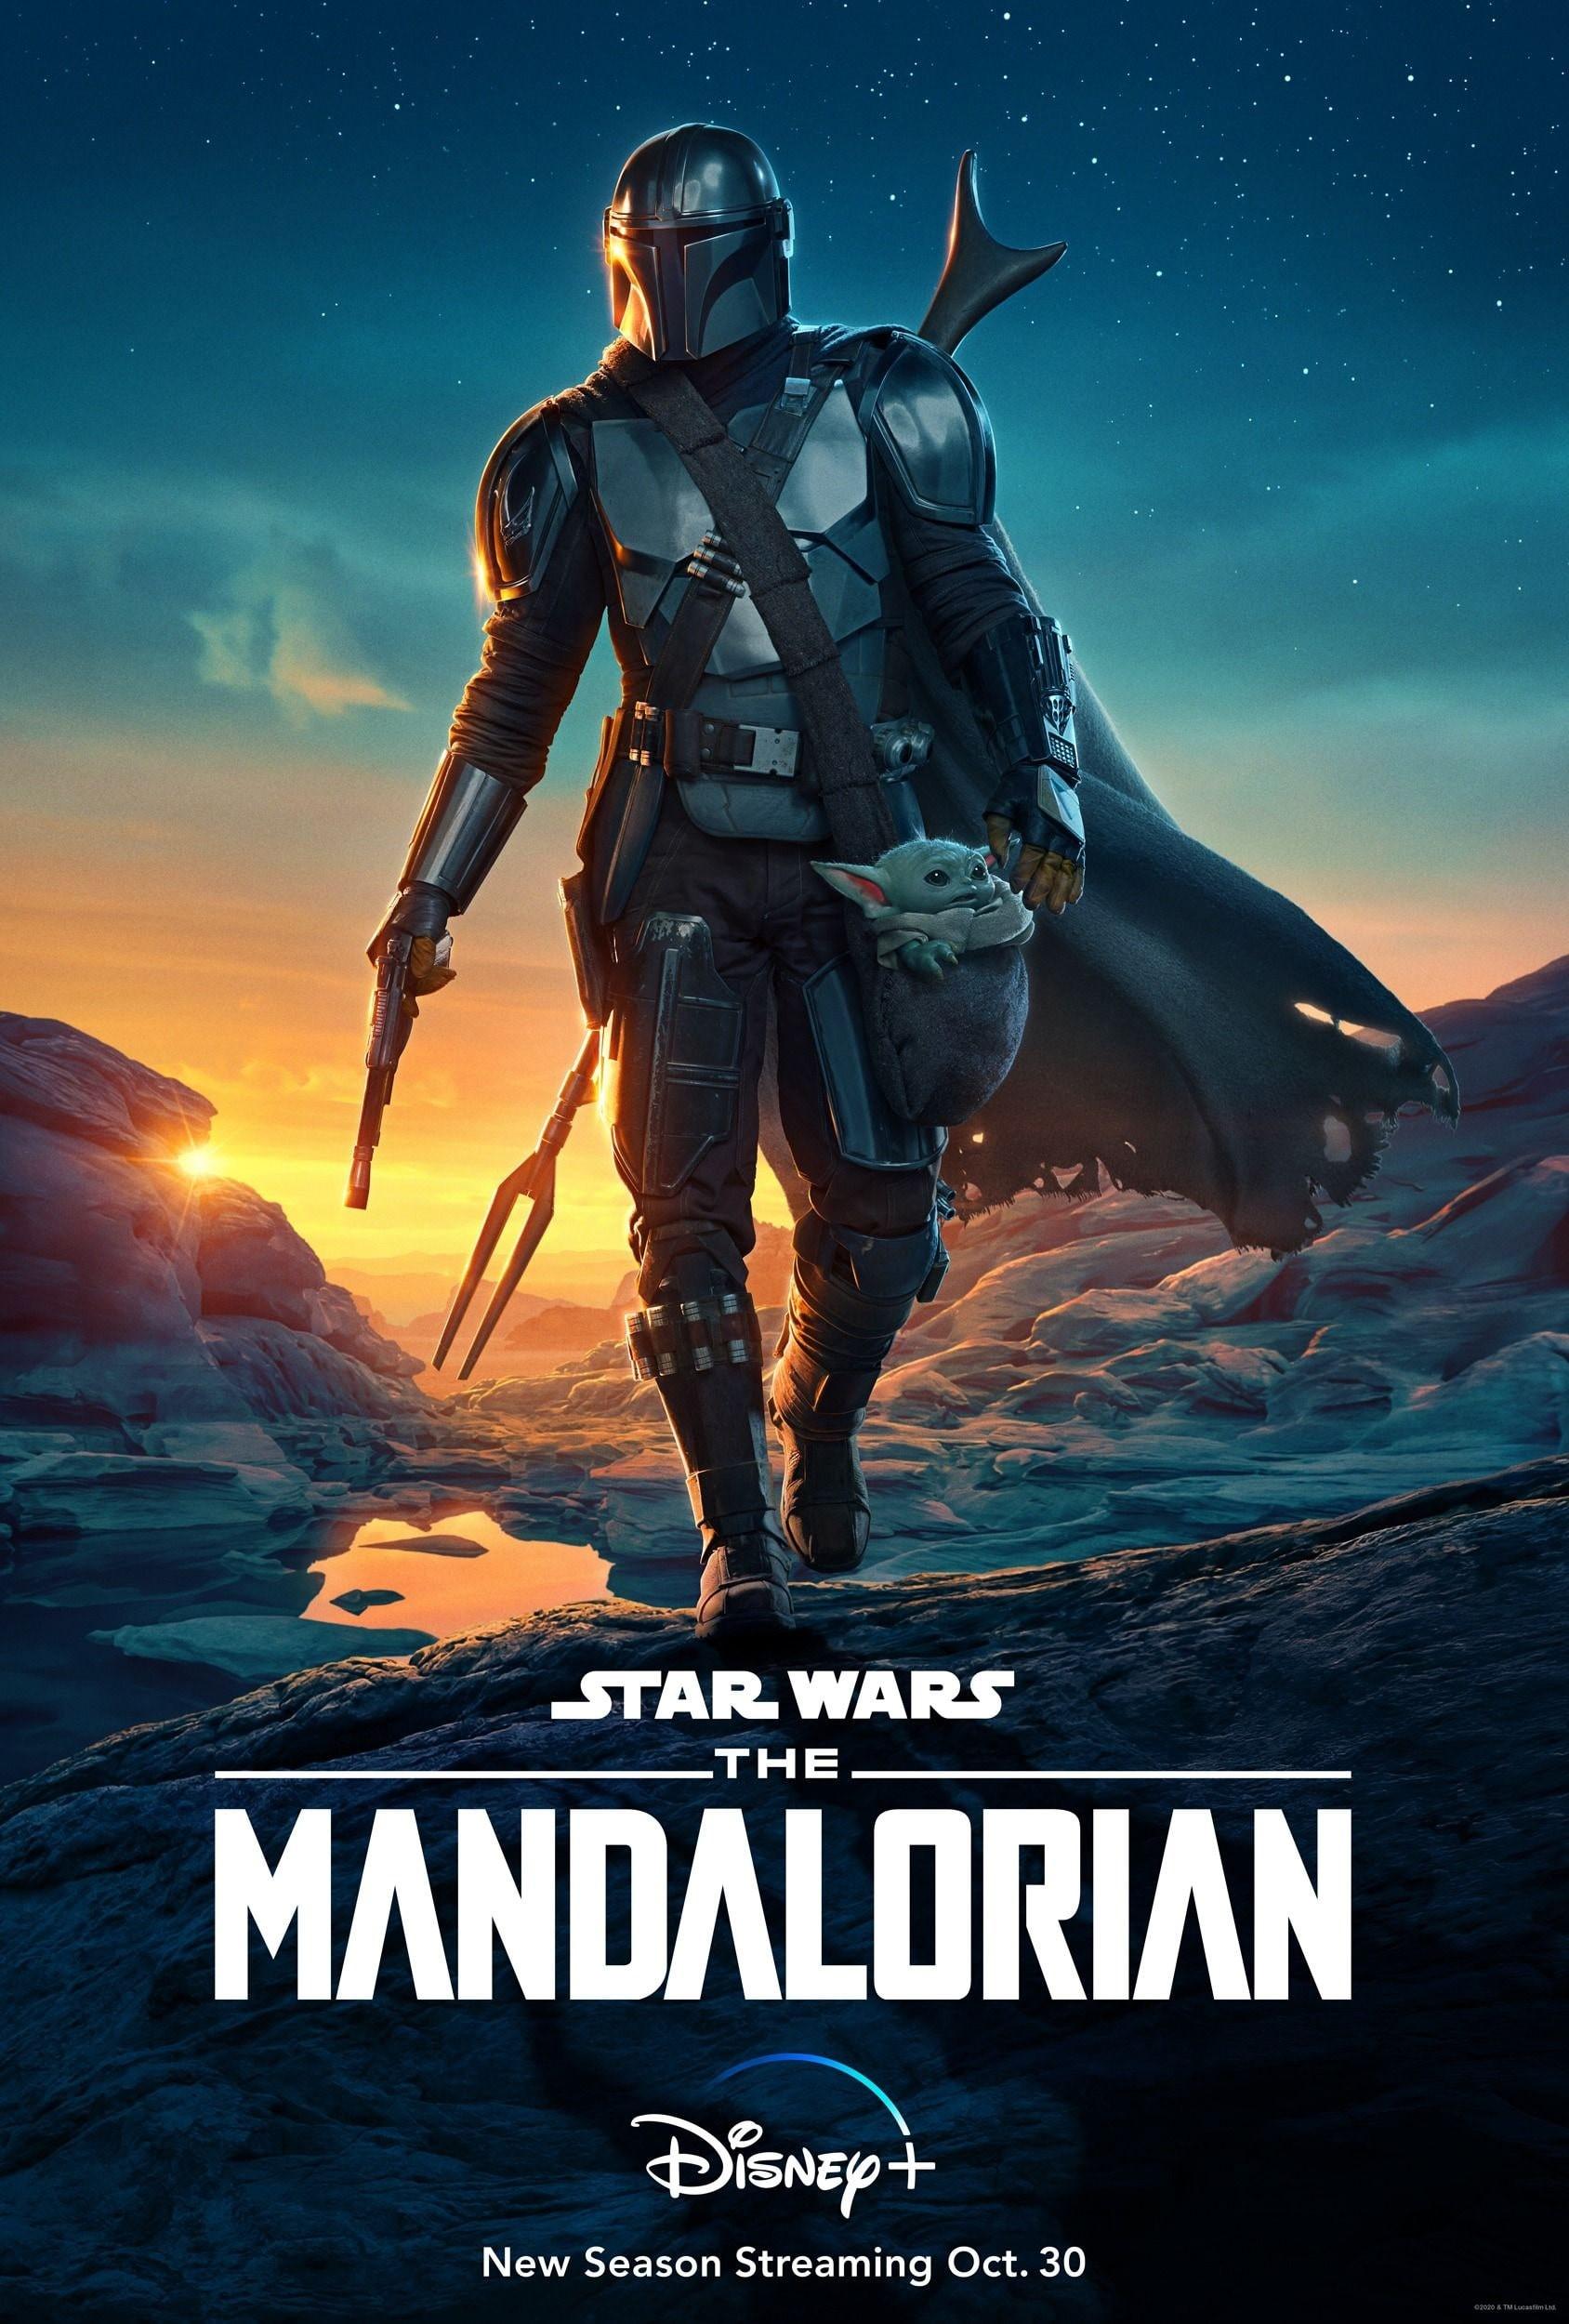 the Mandalorian-min.jpg